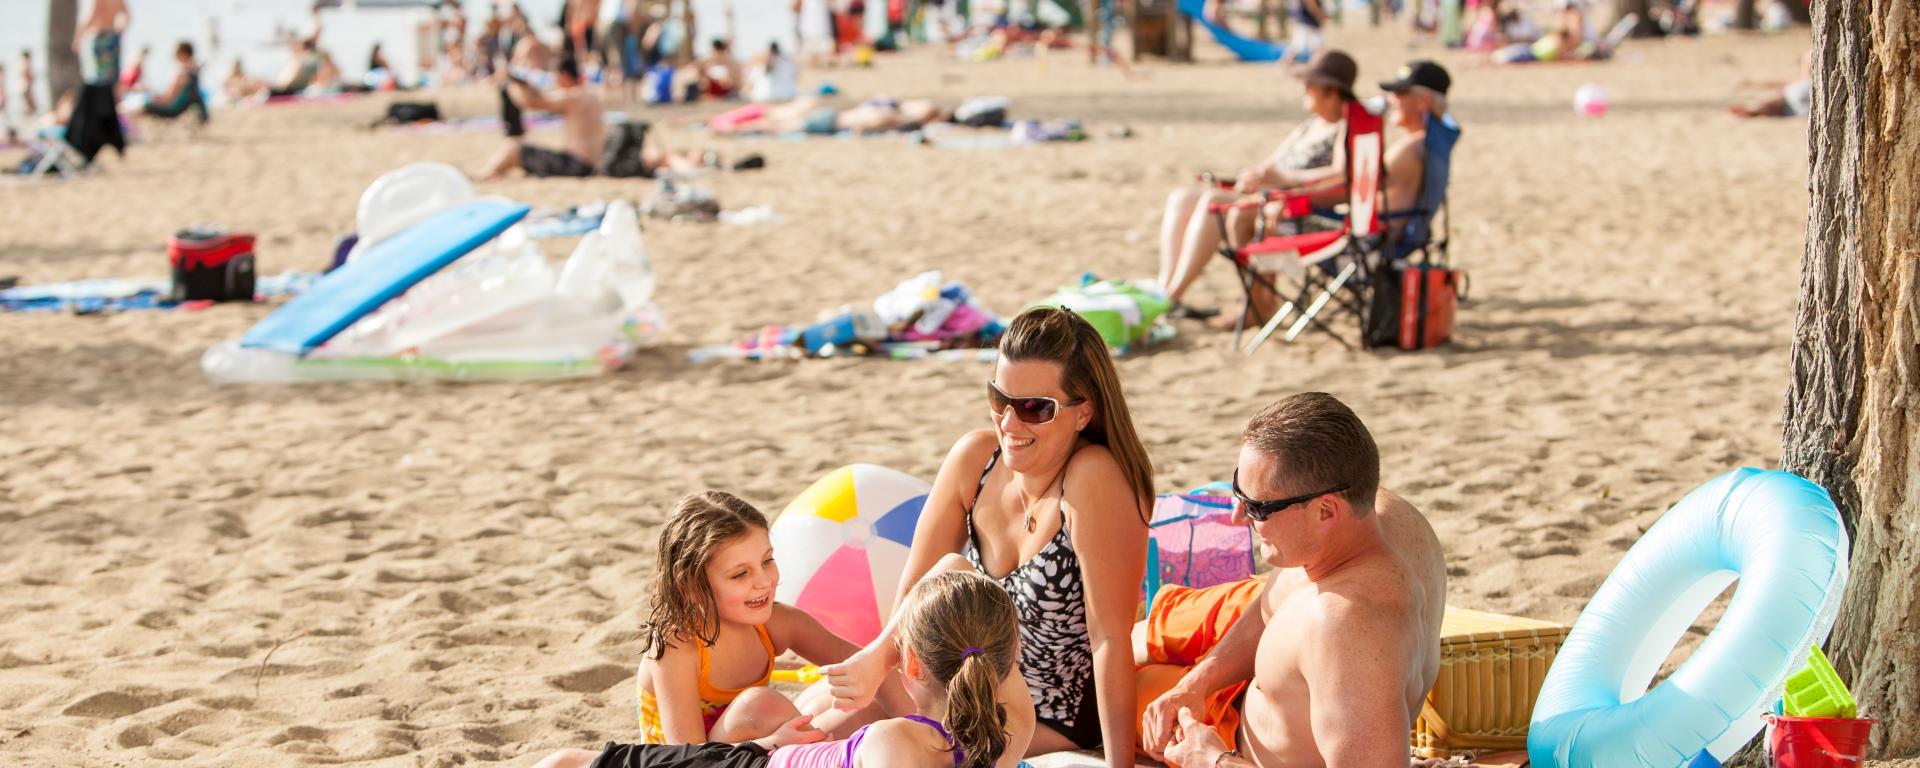 Gyro Beach 2